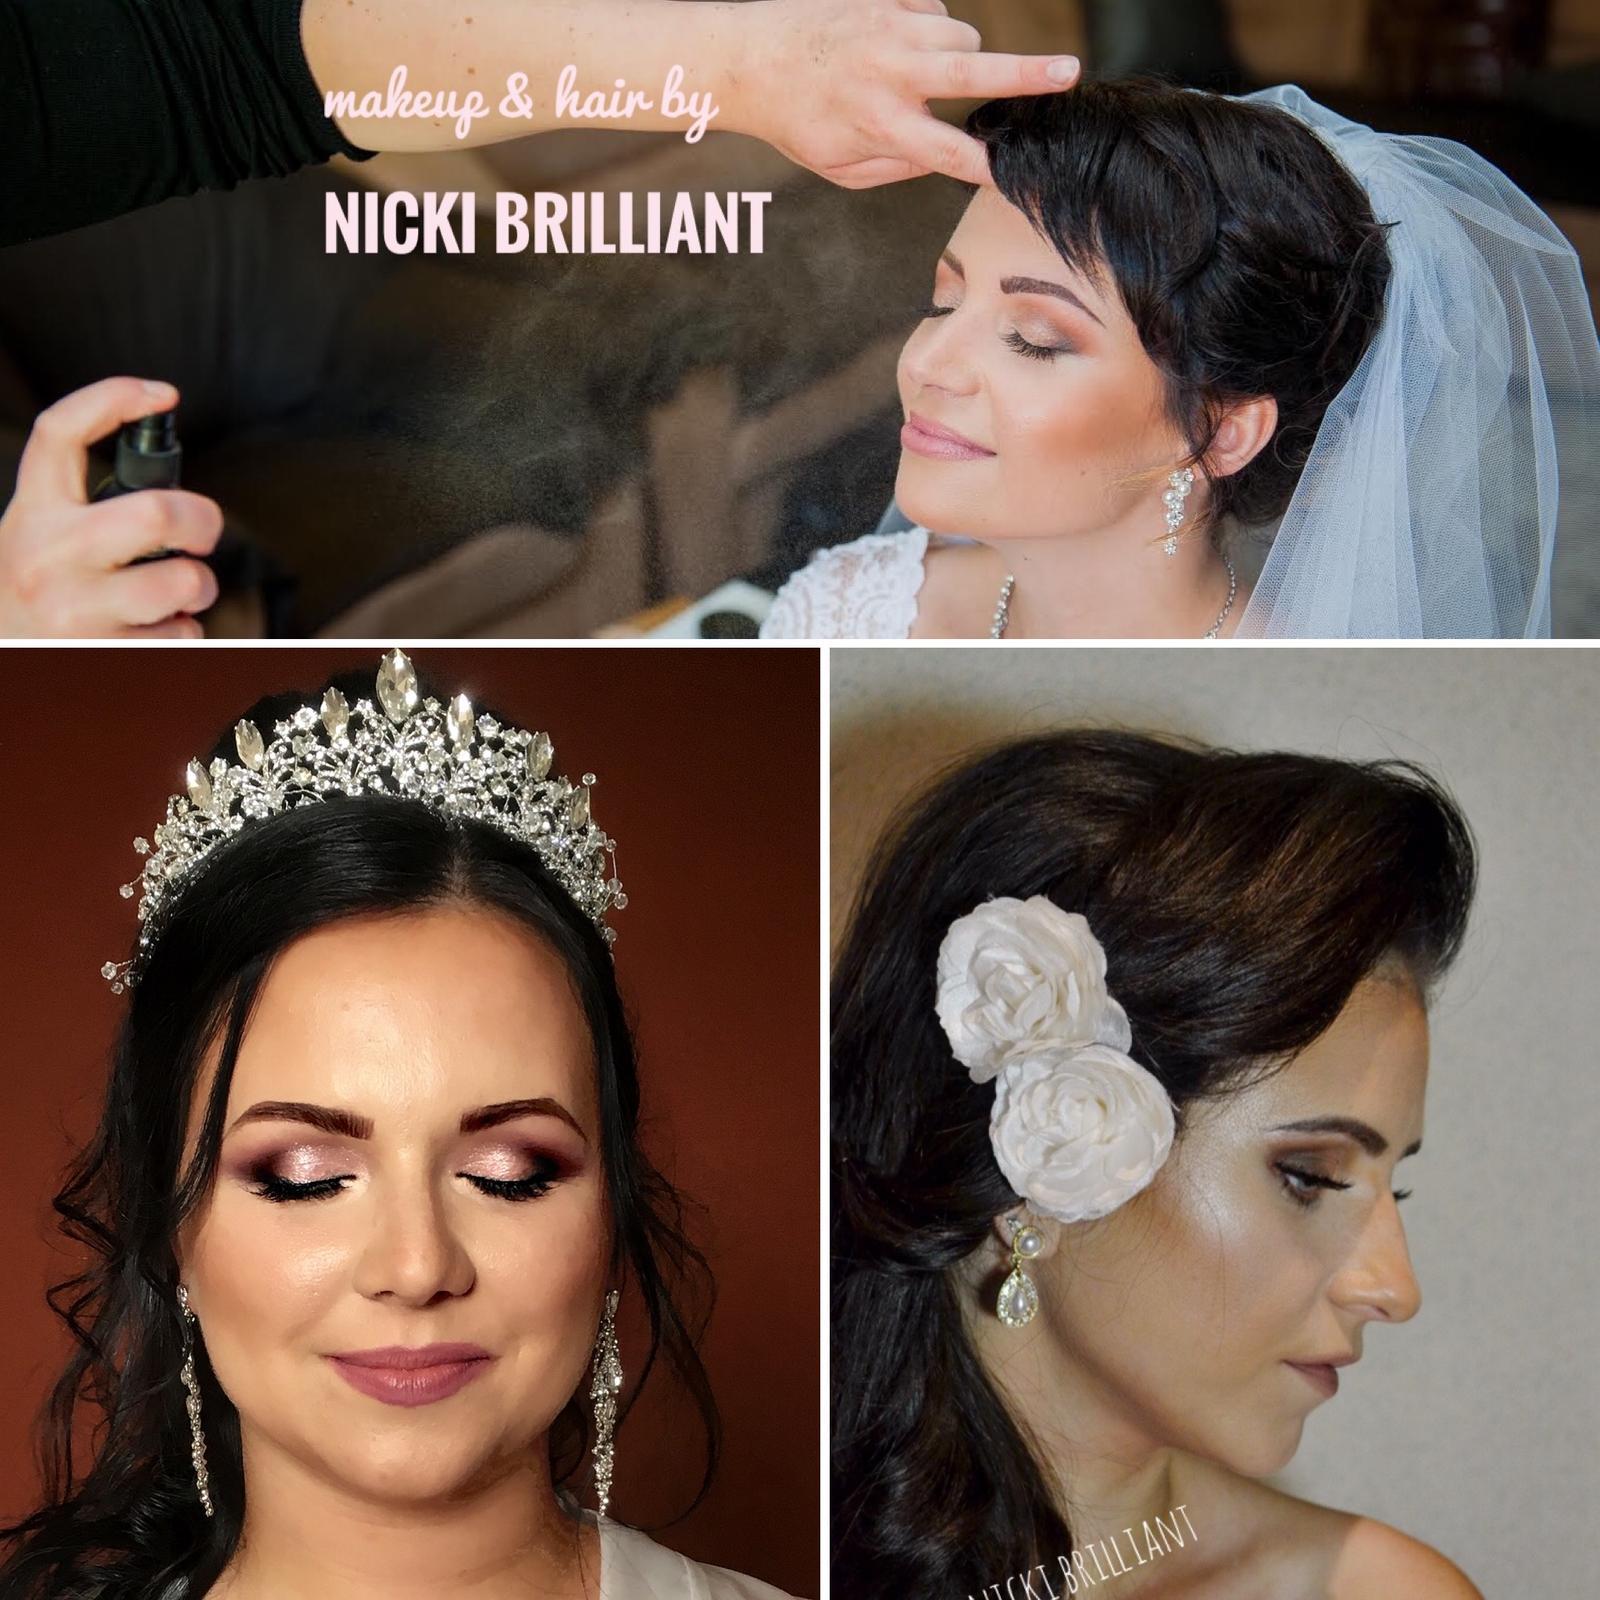 Dobrý deň, robím makeup... - Obrázok č. 1